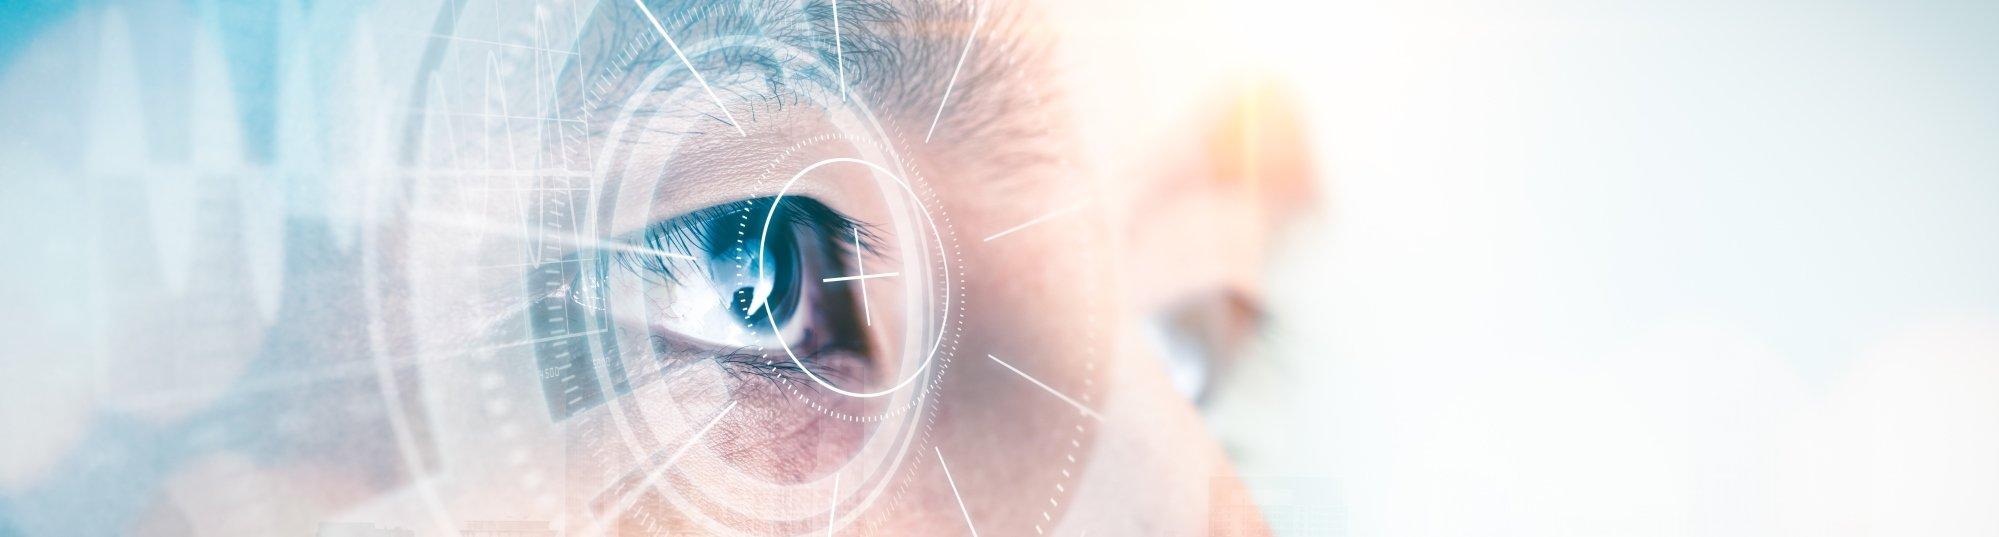 2000x500_Blog header_Eye testing MAIN